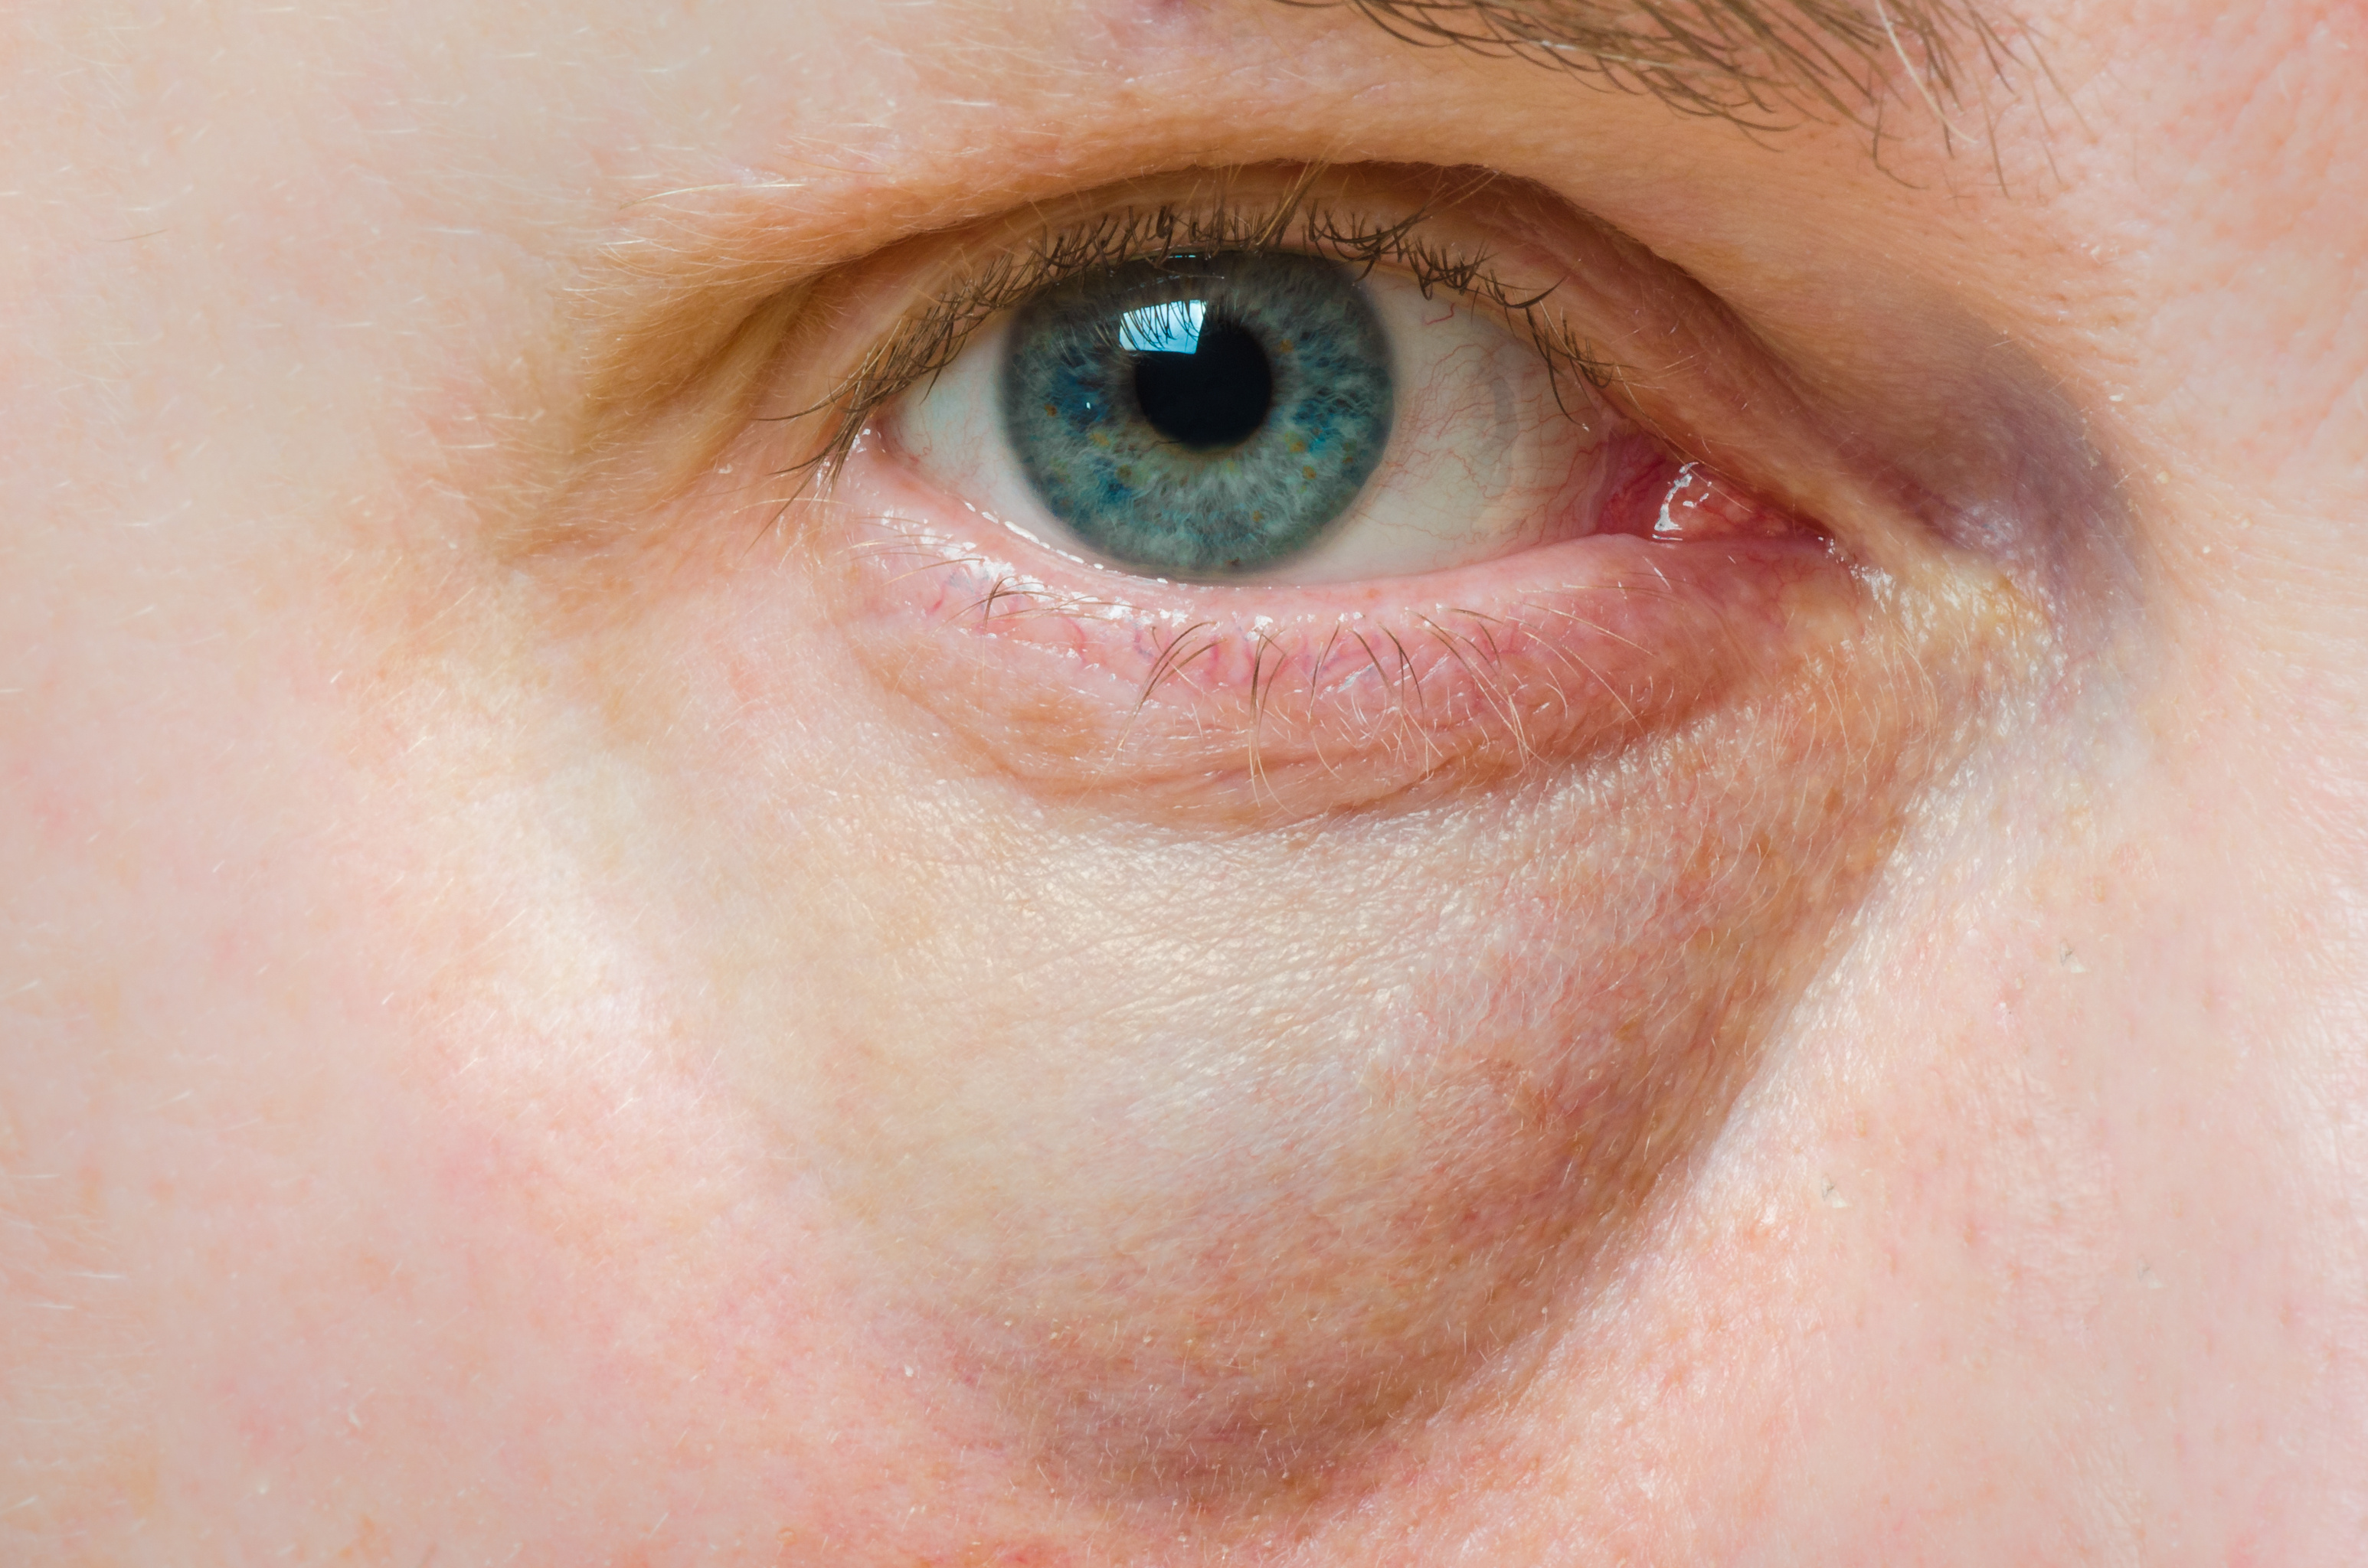 viszkető vörös folt a szem alatt vörösbor pikkelysömör kezelése